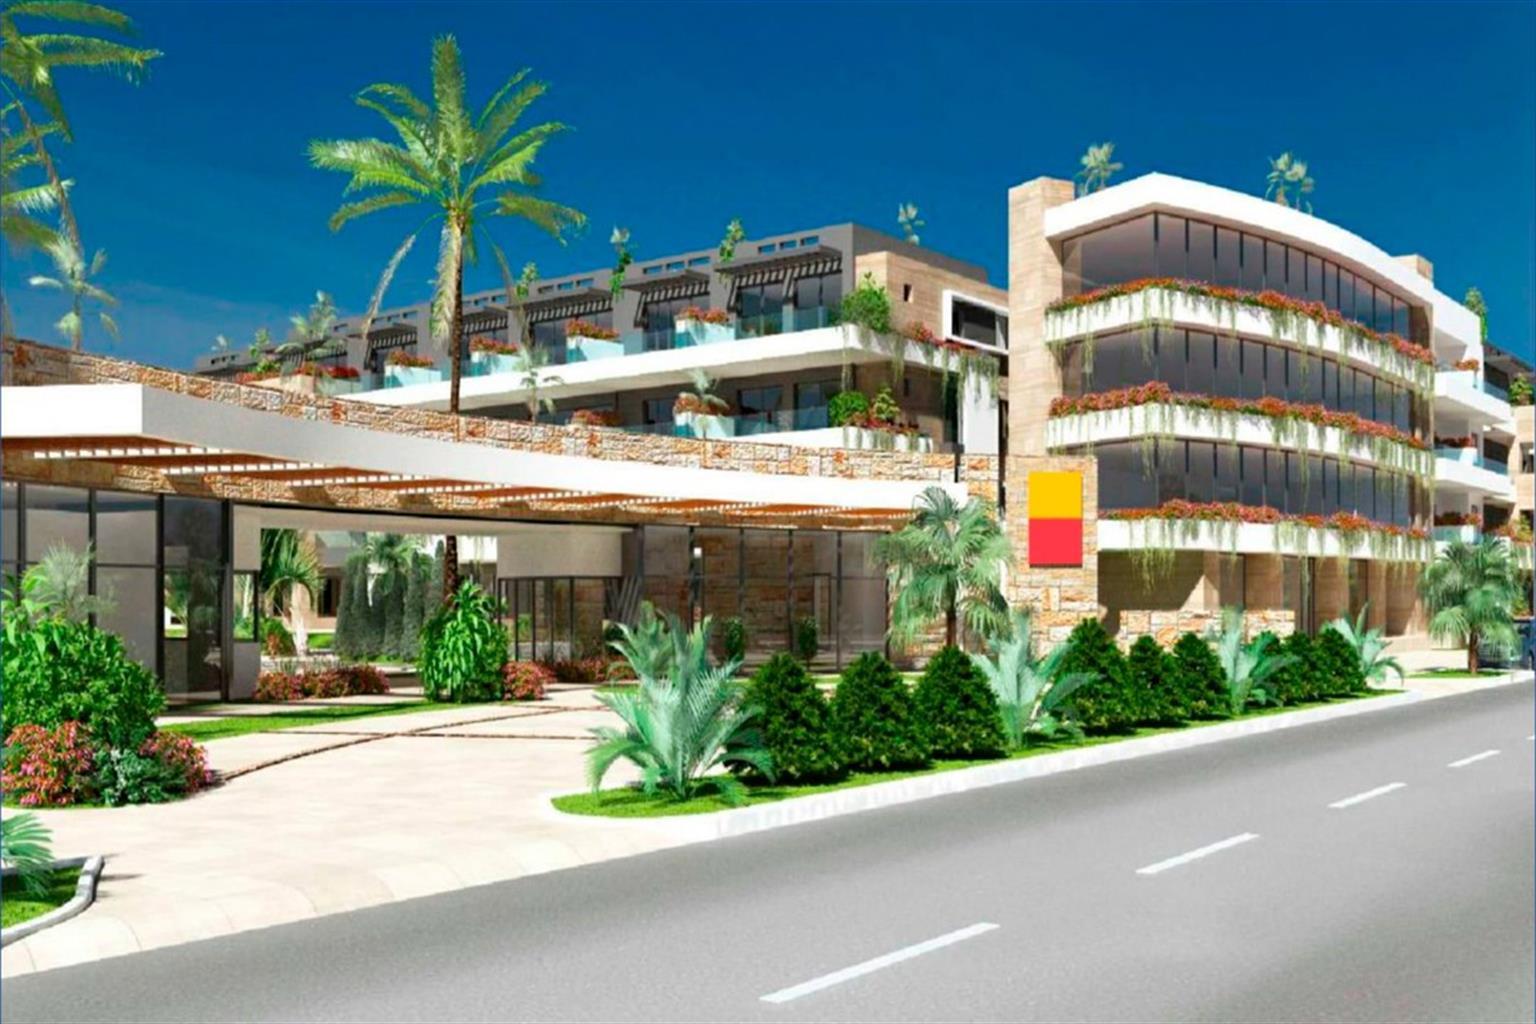 Appartement - Orihuela Costa - #4228409-29